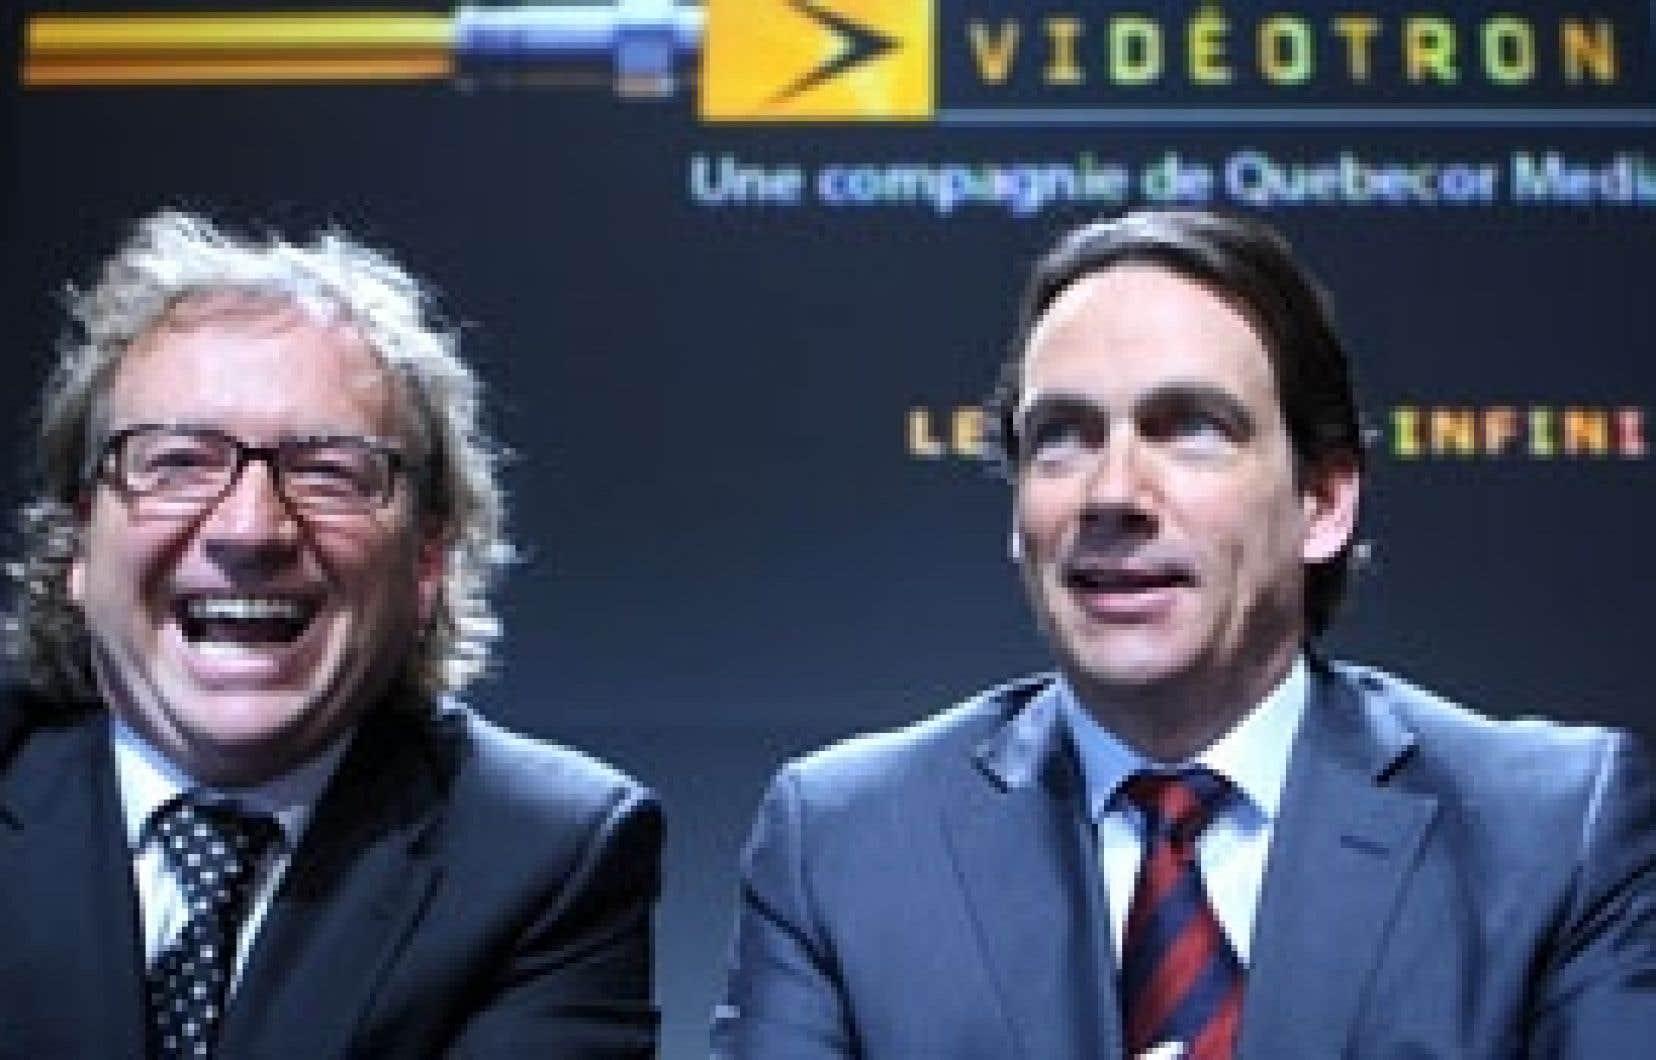 Le président et chef de la direction de Vidéotron, Robert Dépatie, et son homologue chez Quebecor, Pierre Karl Péladeau, ont annoncé hier que le réseau sans fil de Vidéotron devrait être opérationnel d'ici 12 à 18 mois.